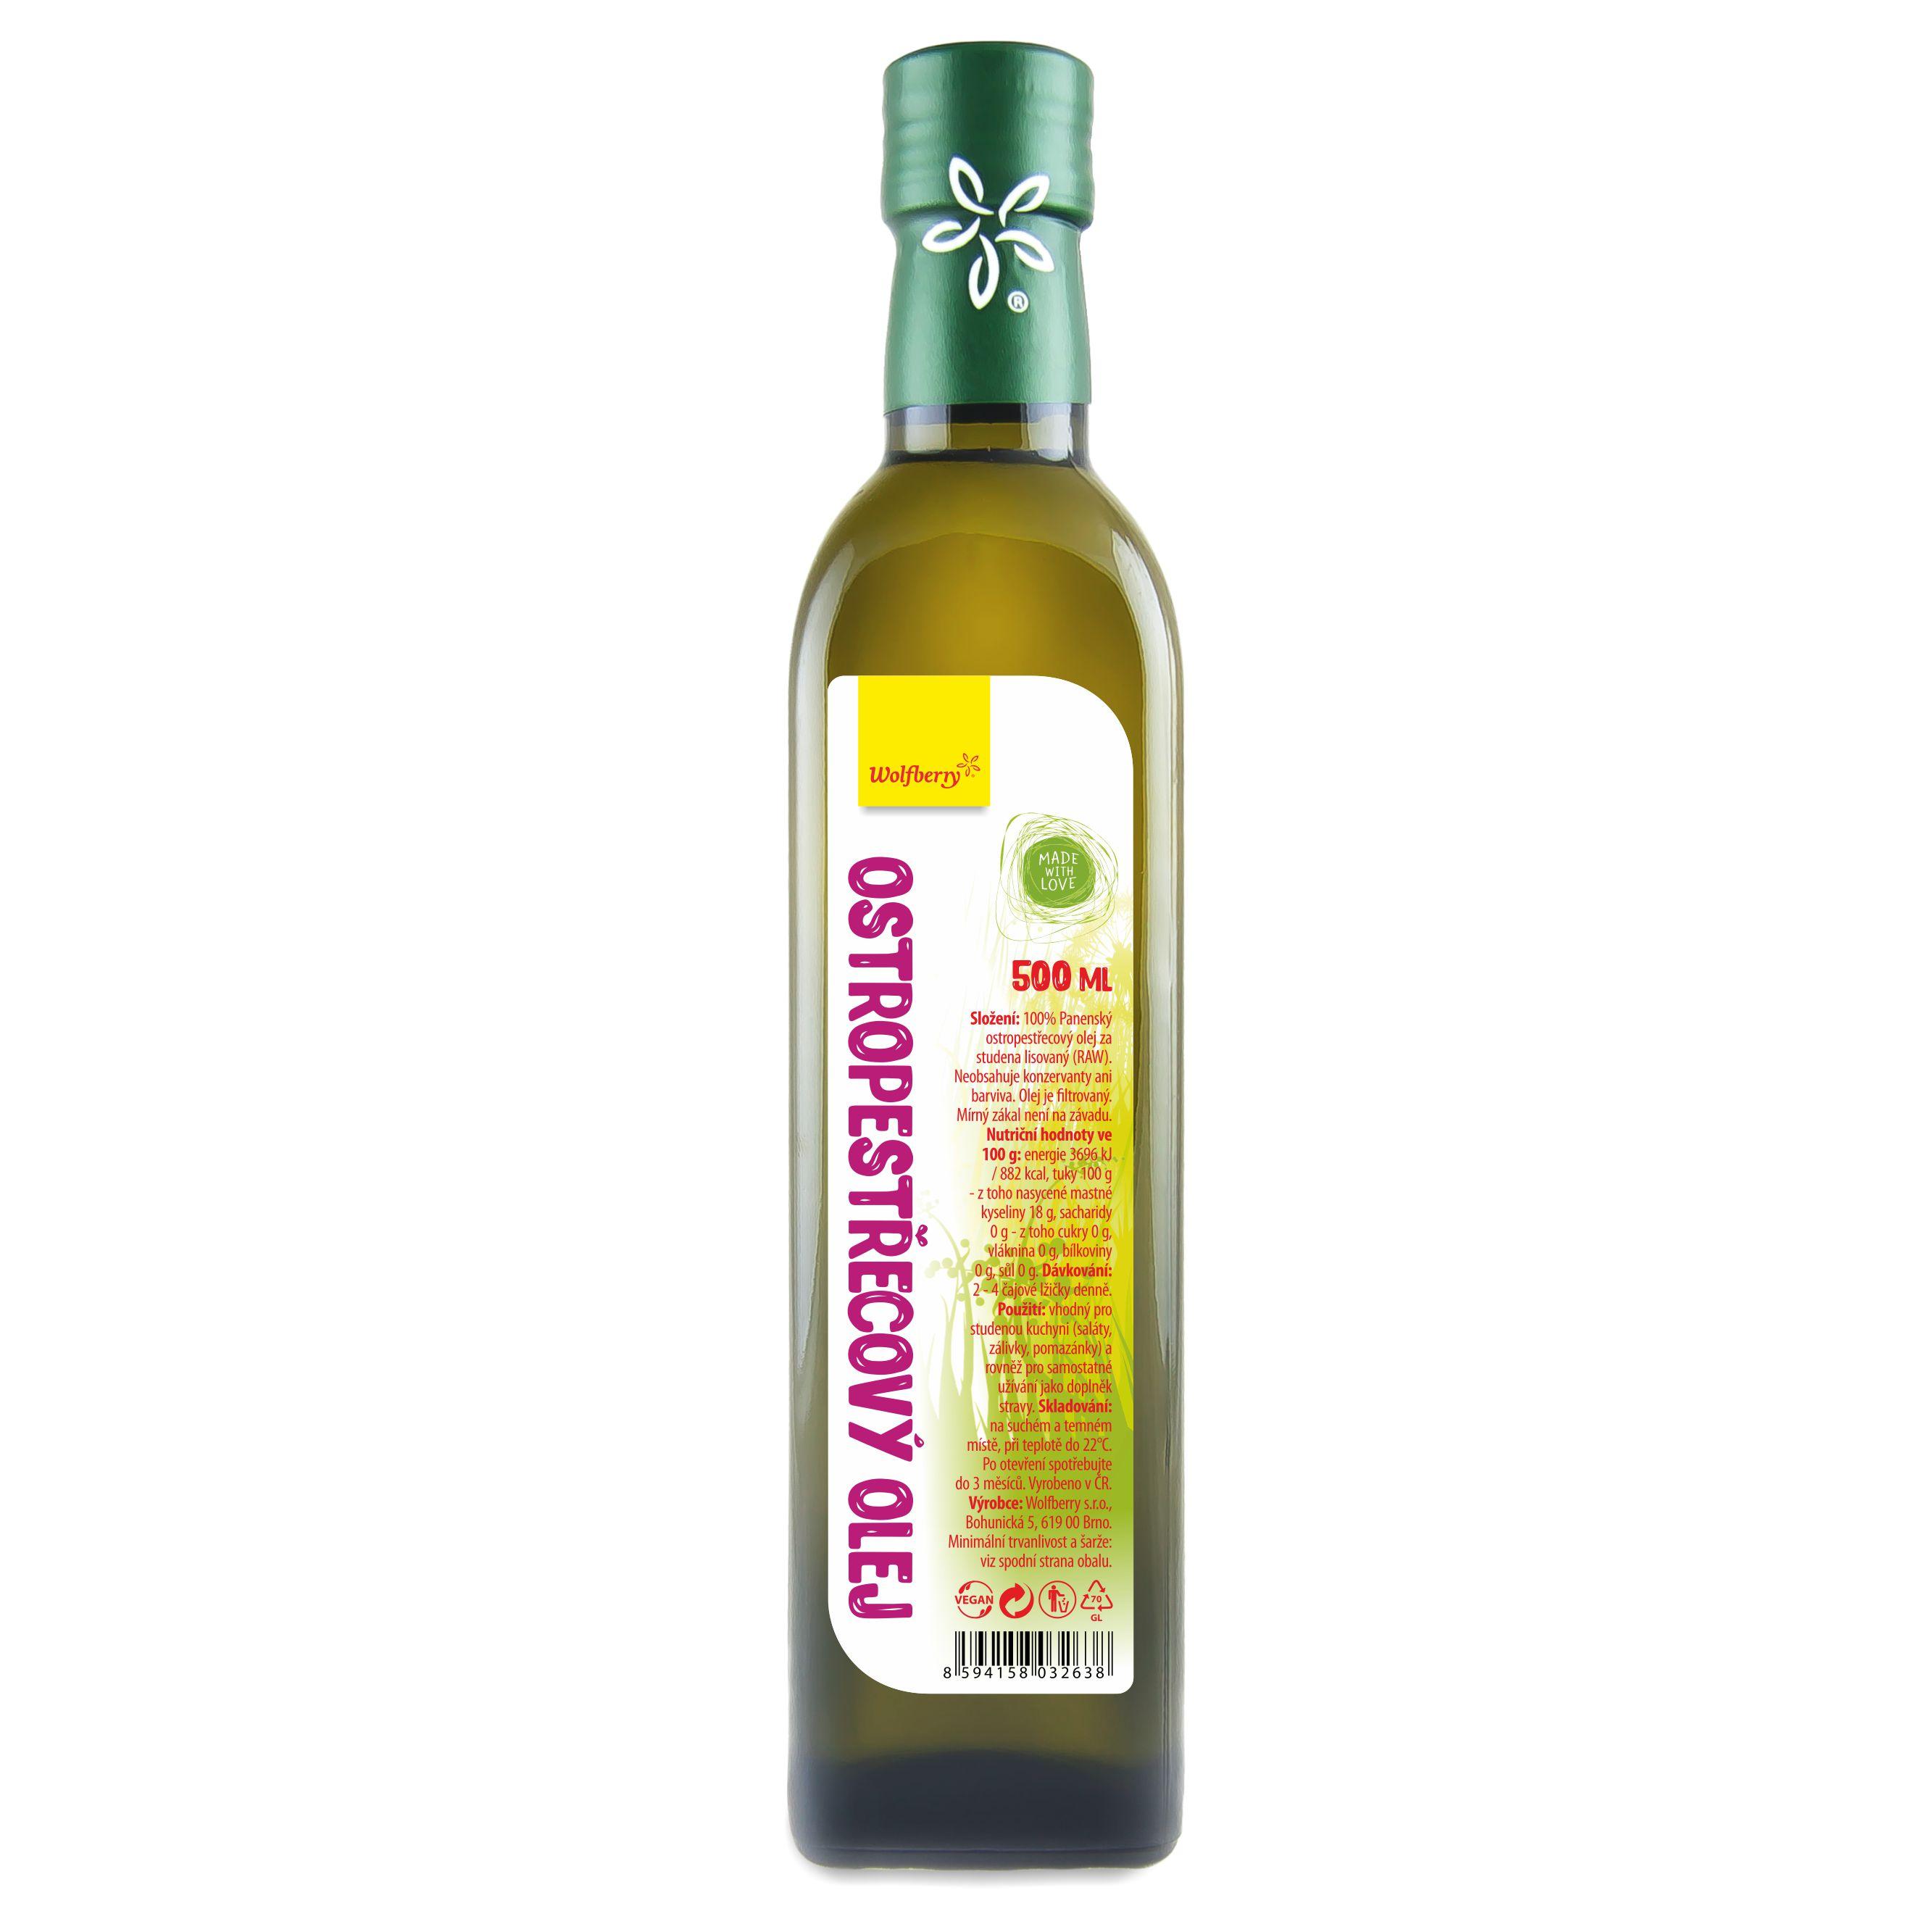 Wolfberry Ostropestrecový olej 500 ml Wolfberry 500ml